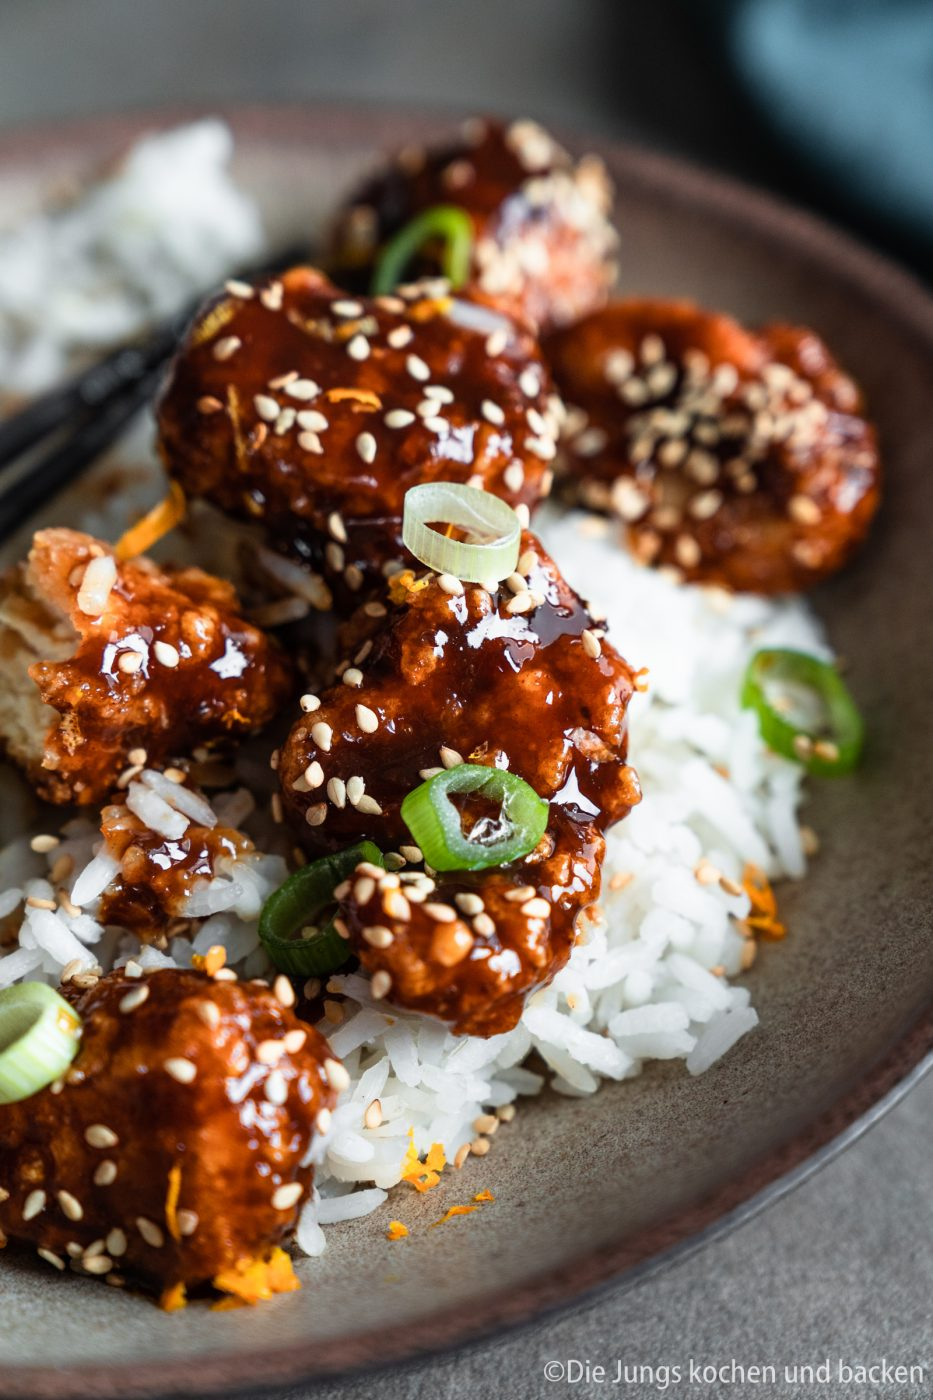 Orange Chicken 11 | Wie steht ihr zu herzhaften Gerichten mit einer süßlichen Komponente? Ich liebe es!!! Meine erste Berührungspunkte damit hatte ich im asiatischen Essen. Als es das erste mal ein mildes Curry mit Früchten bei mir gab, war es um mich geschehen ... na ja, es ist sogar ein wenig mehr als das. Sobald ich etwas auf einer Speisekarte erblicke, das mit süßen, fruchtigen Aromen gemacht ist, weiß Torsten sofort, was ich bestelle. Genau so ging es mir bei unserem heutigen Rezept, das mich von der Karte anlächelte und seither kochen wir beide es immer wieder gerne selber in unserer Küche - Orange Chicken!